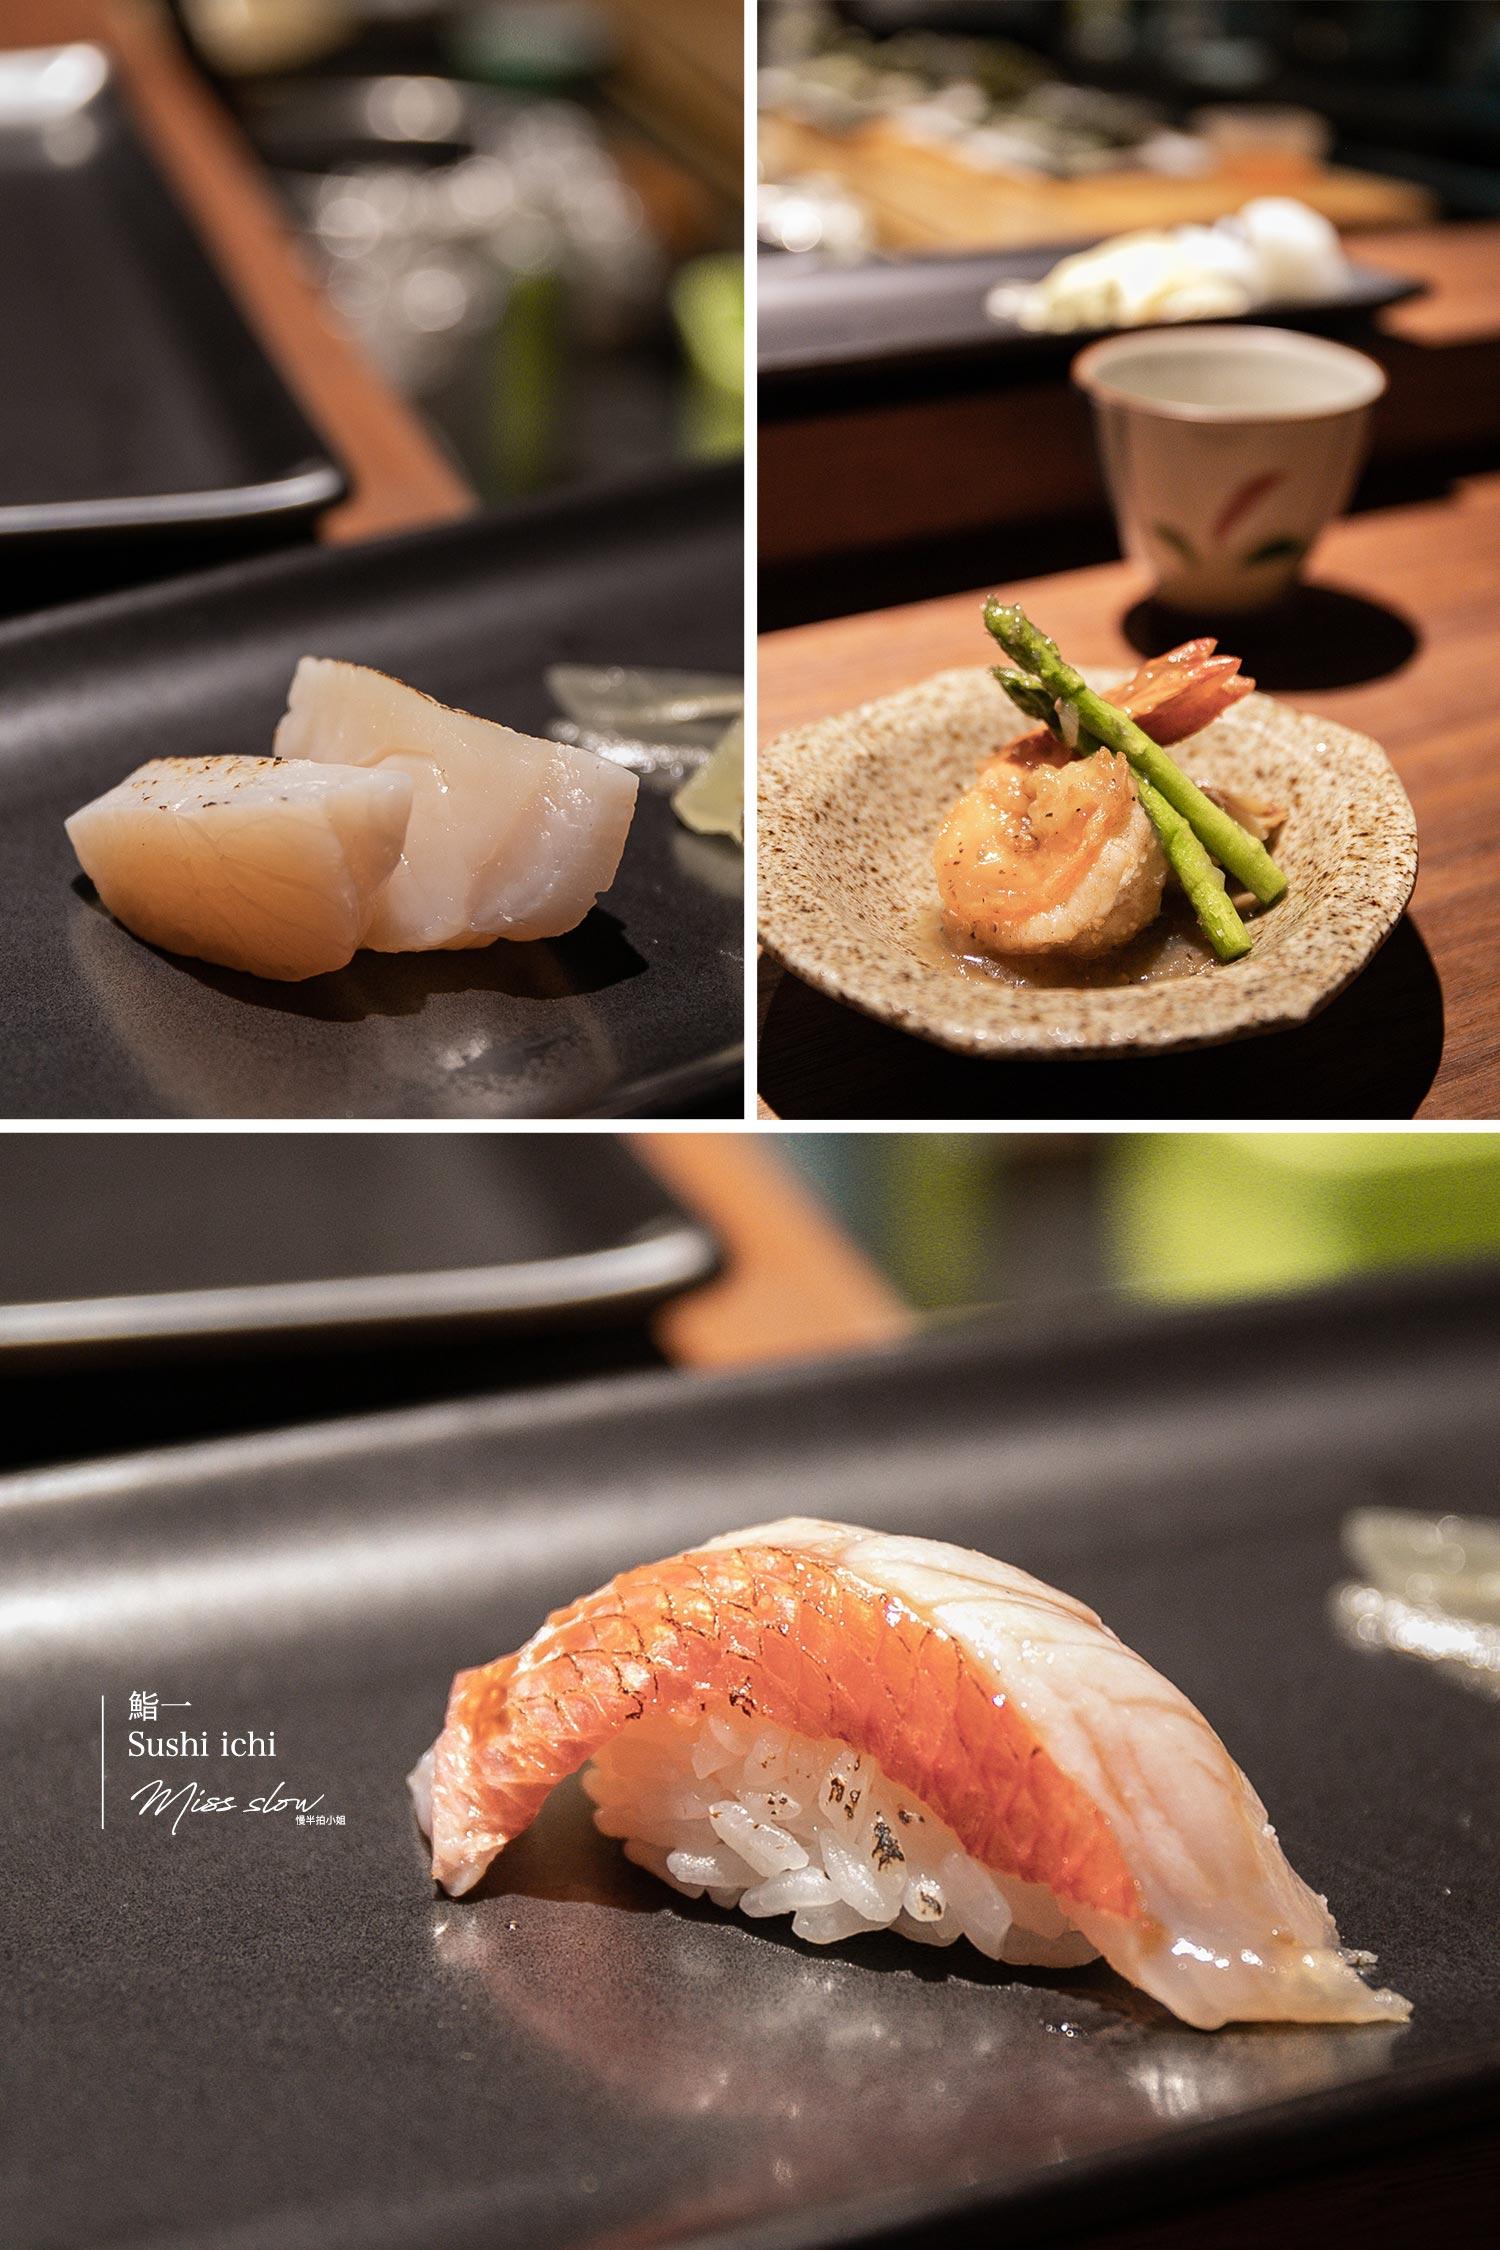 鮨一日本料理_北海道干貝,馬鈴薯炸蝦,金目鯛